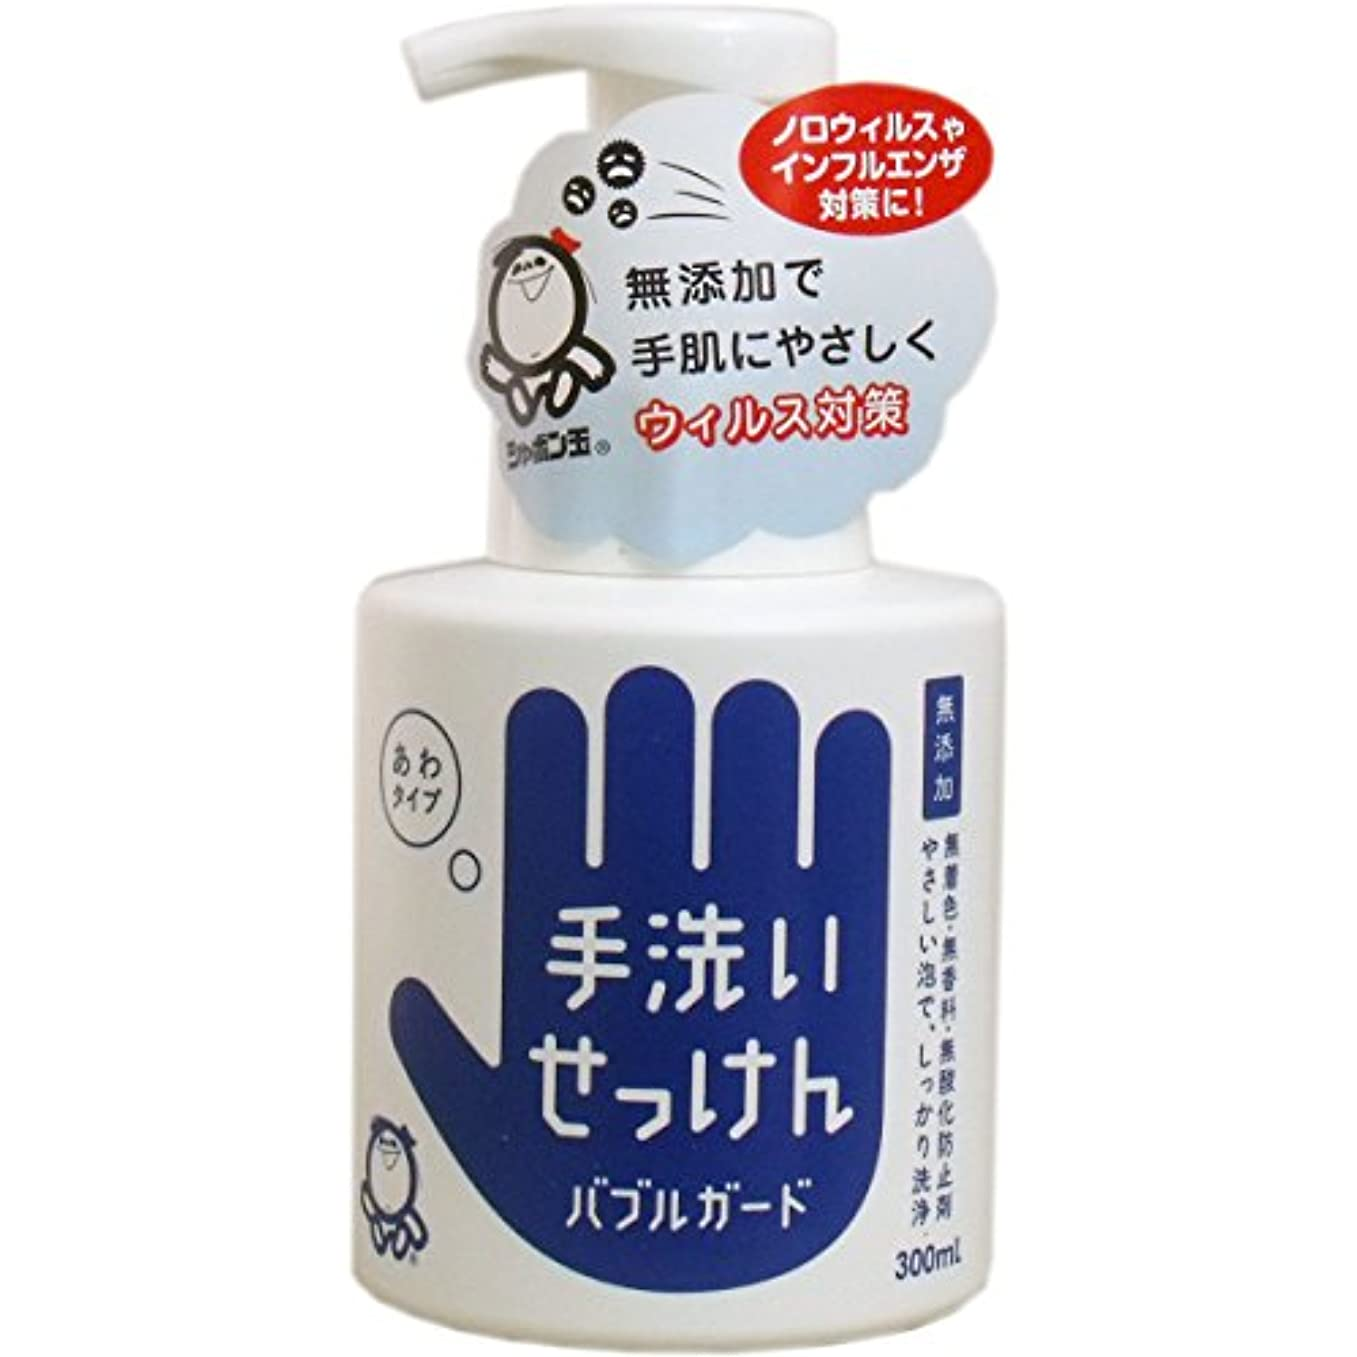 放棄する主観的急降下シャボン玉石けん 手洗いせっけん バブルガード 本体 300ml 1本